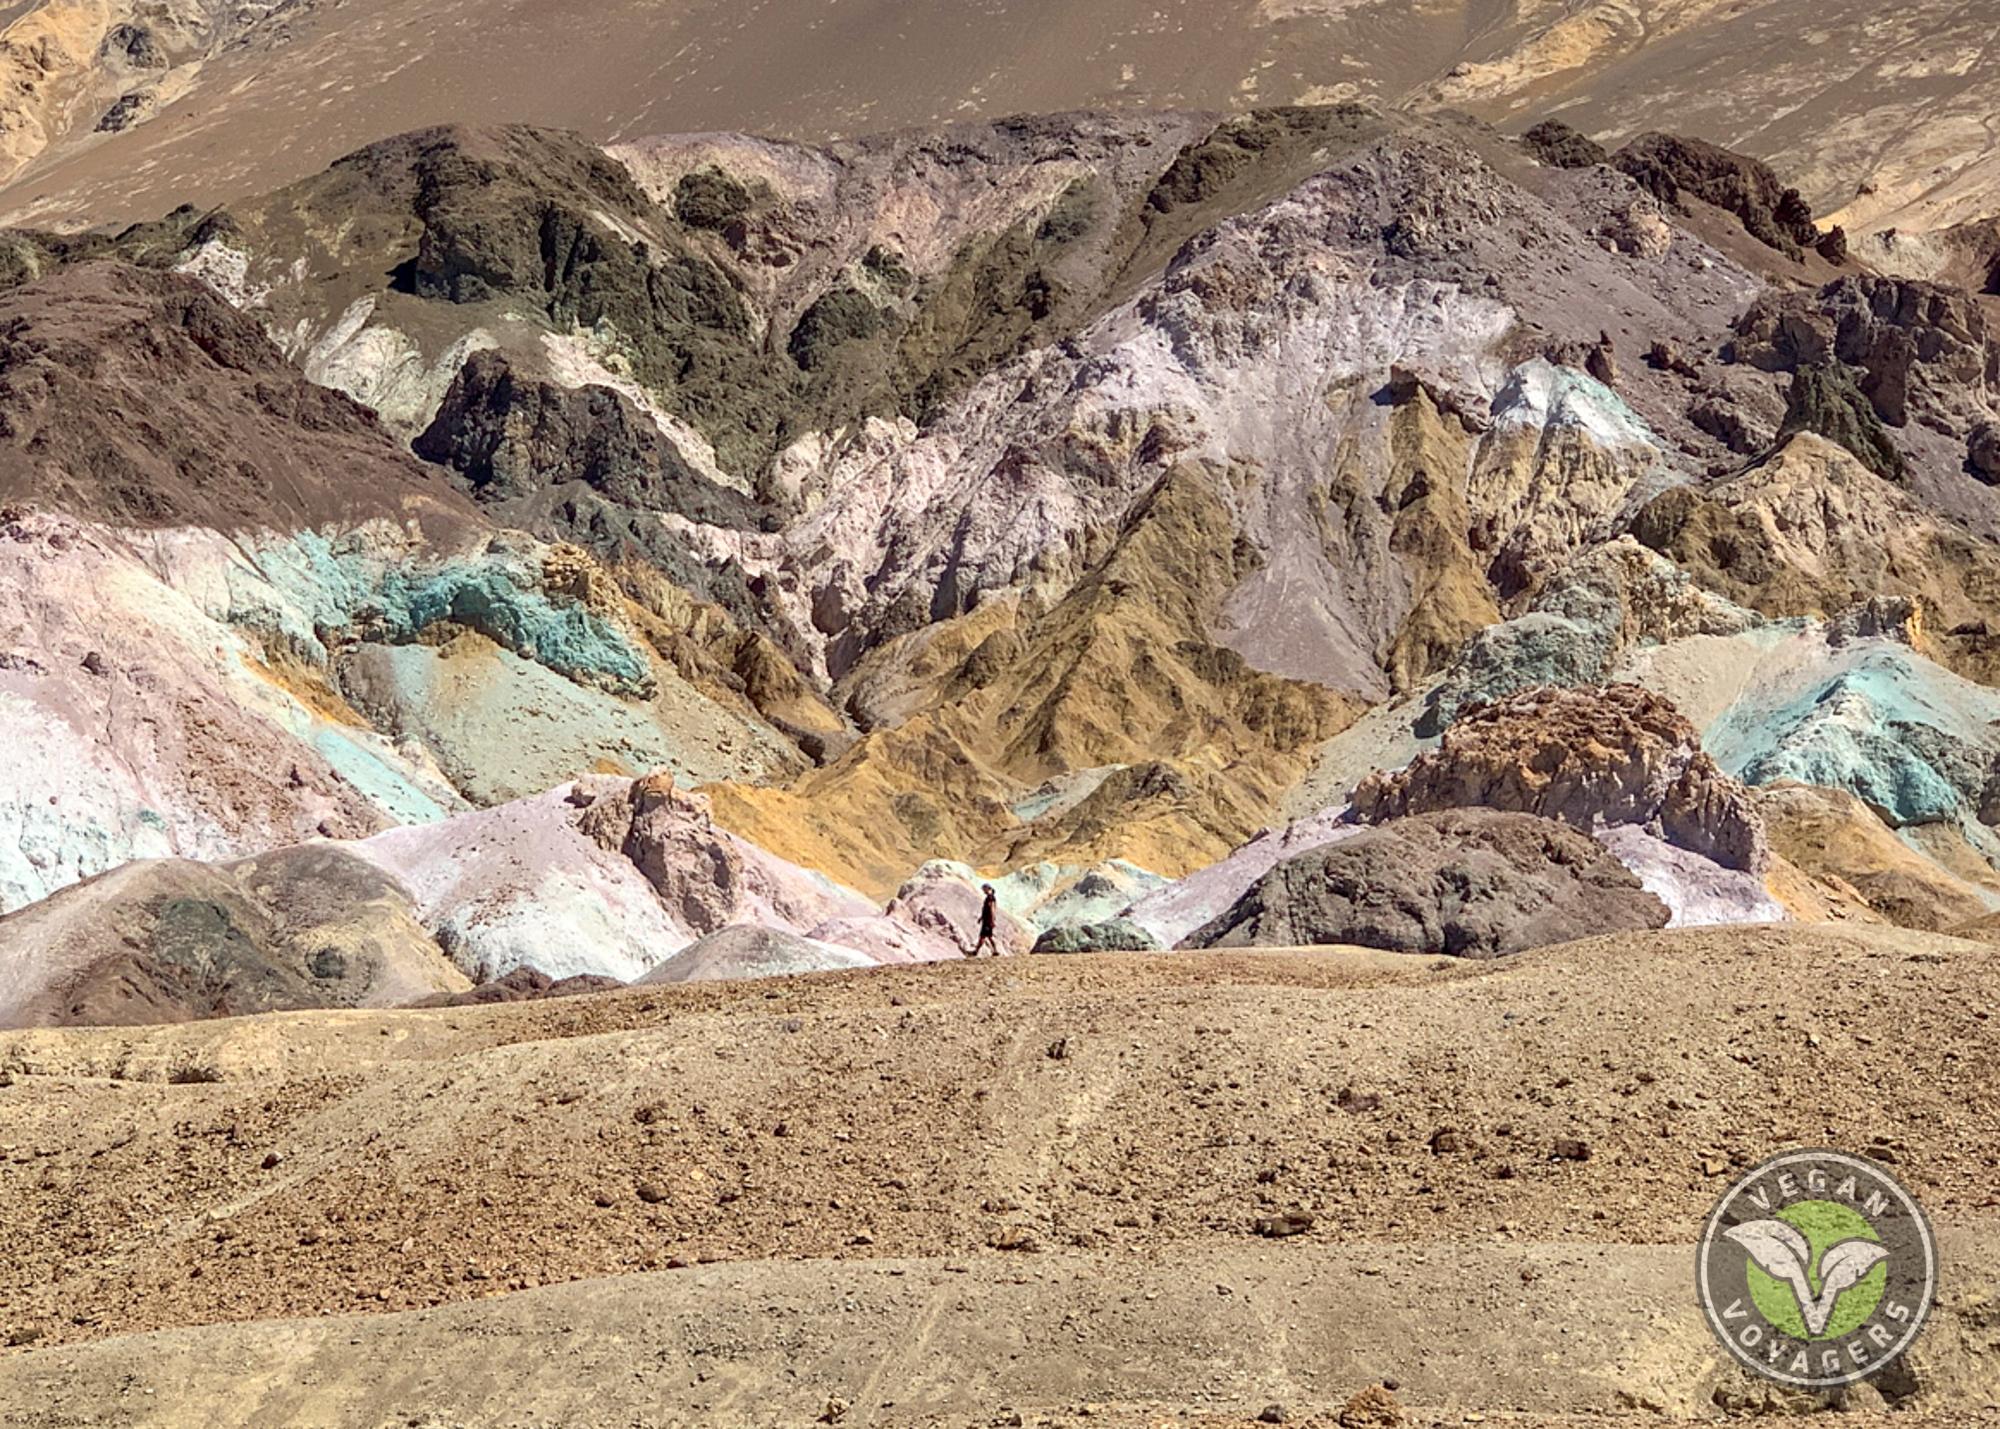 Death Valley | 10 Unique Landscapes to Visit on a West Coast Road Trip